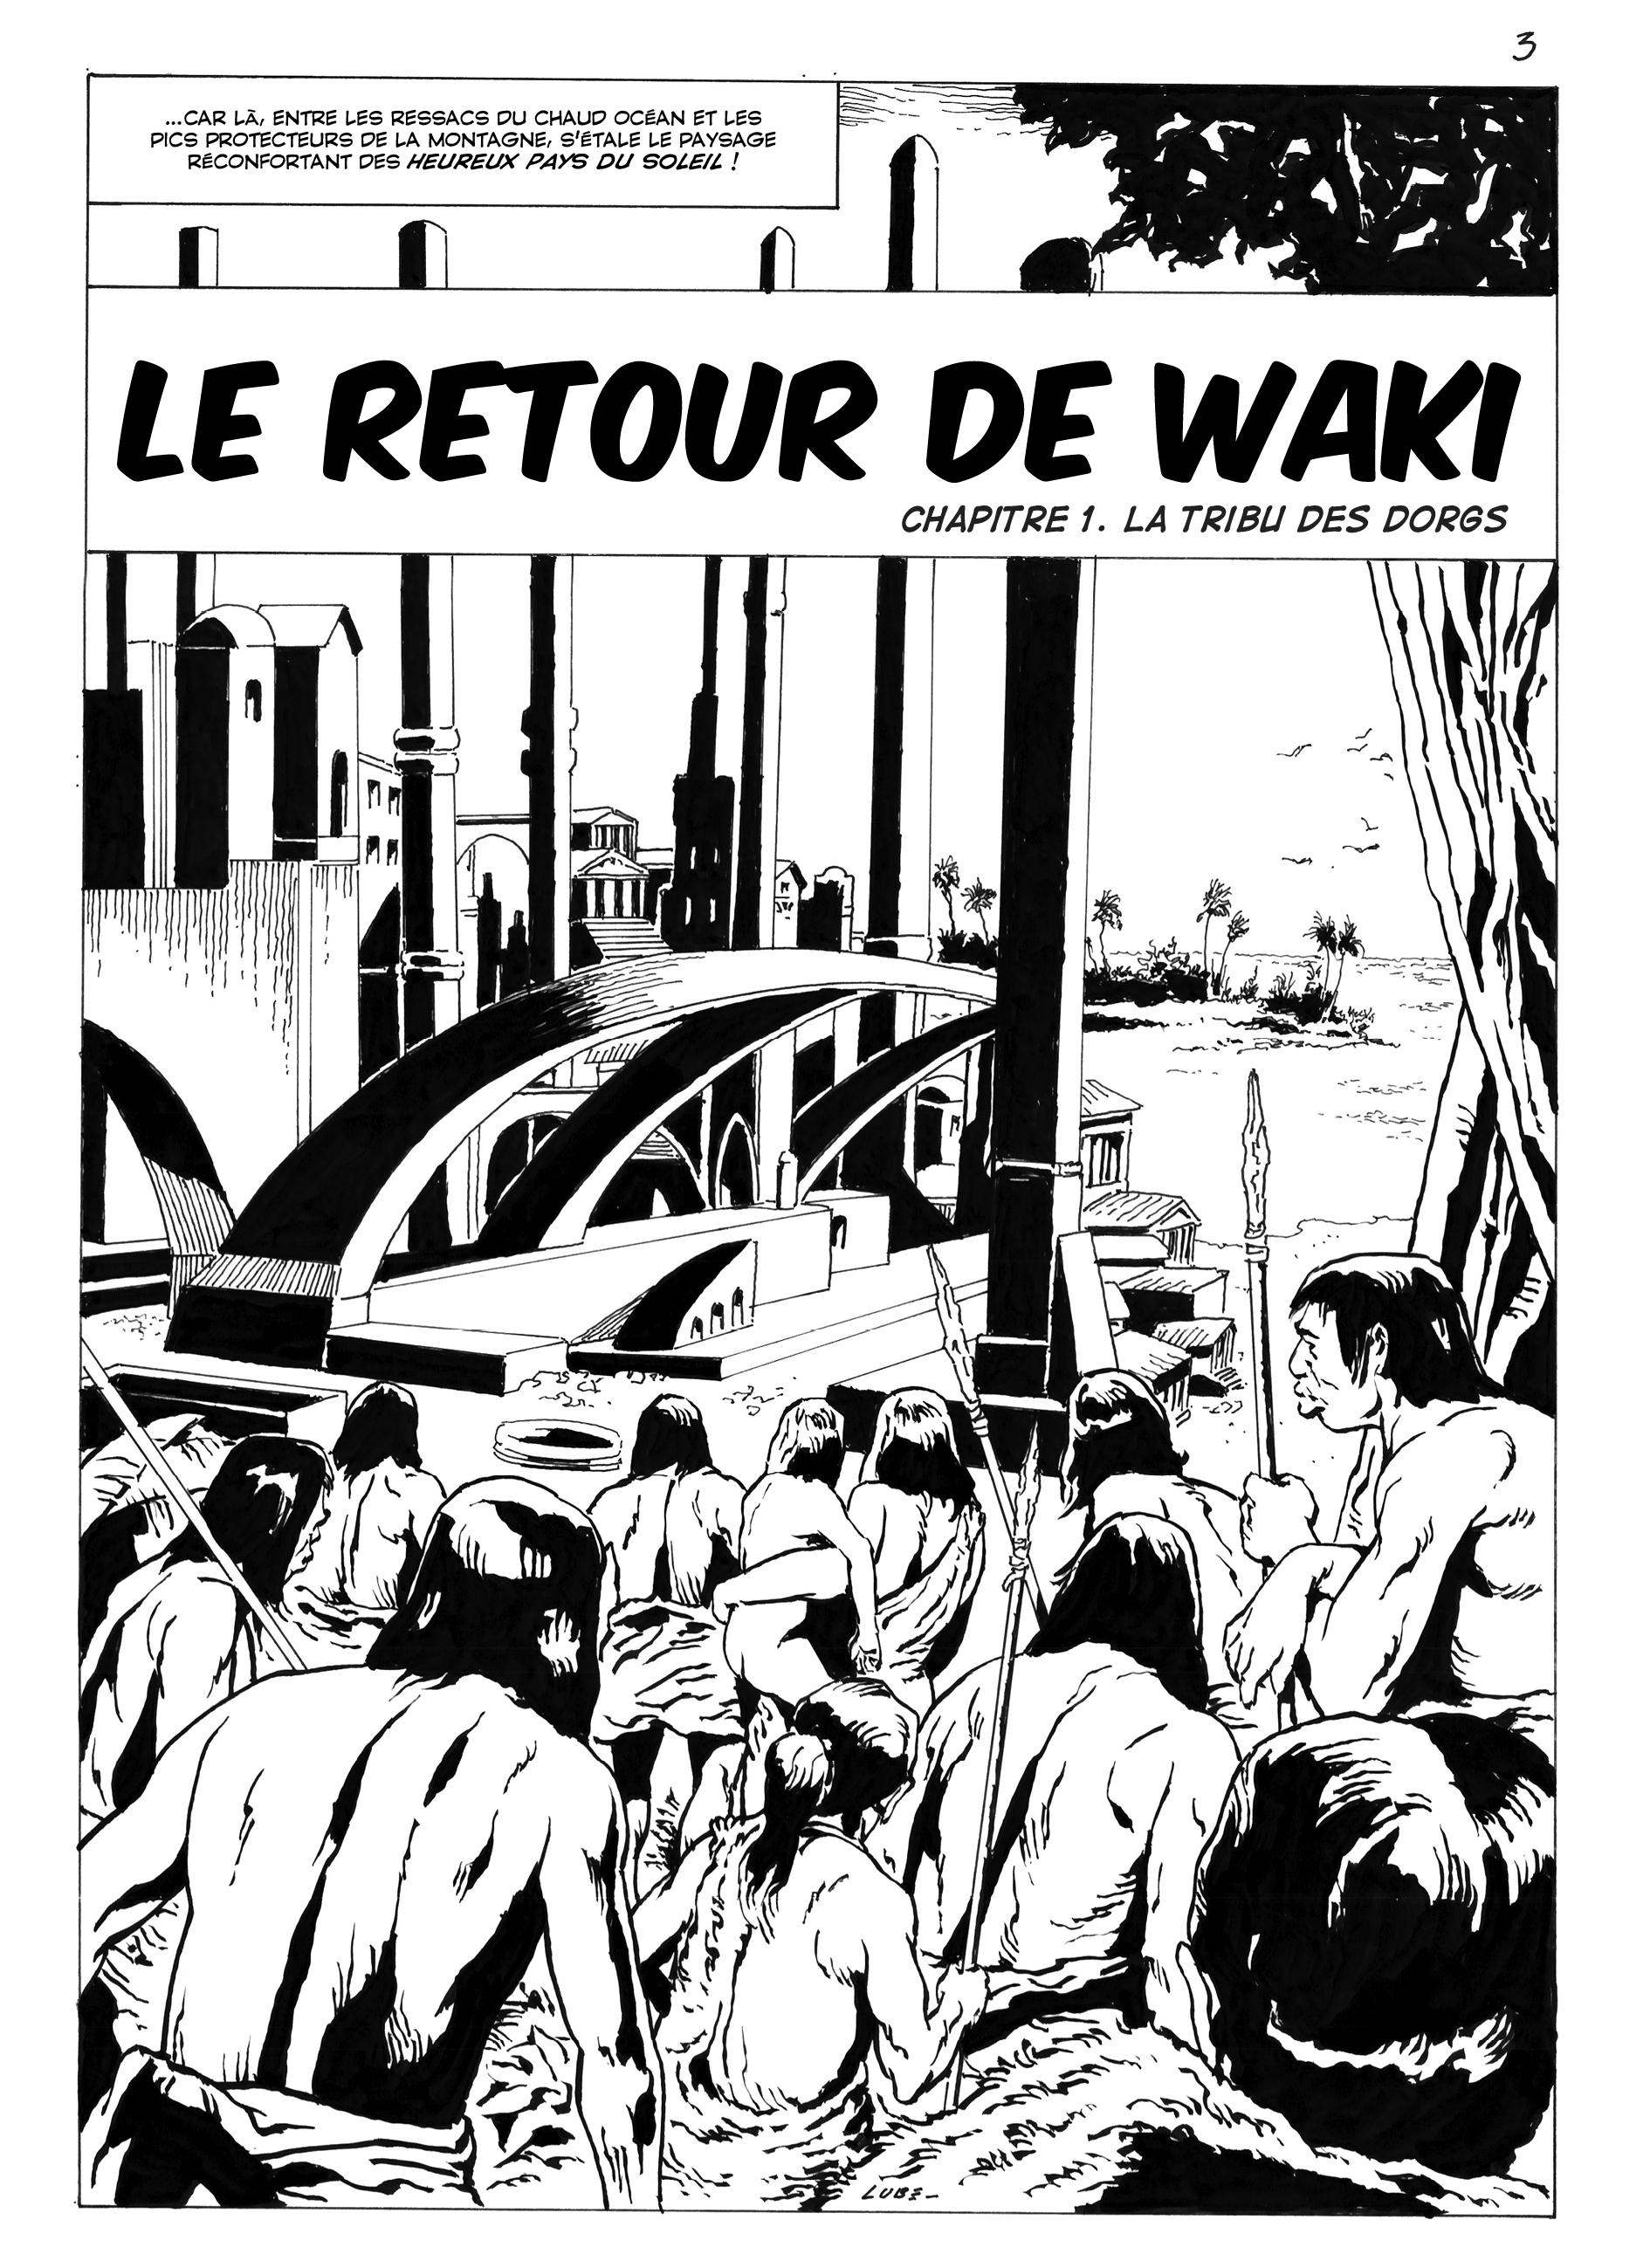 WAKI_3